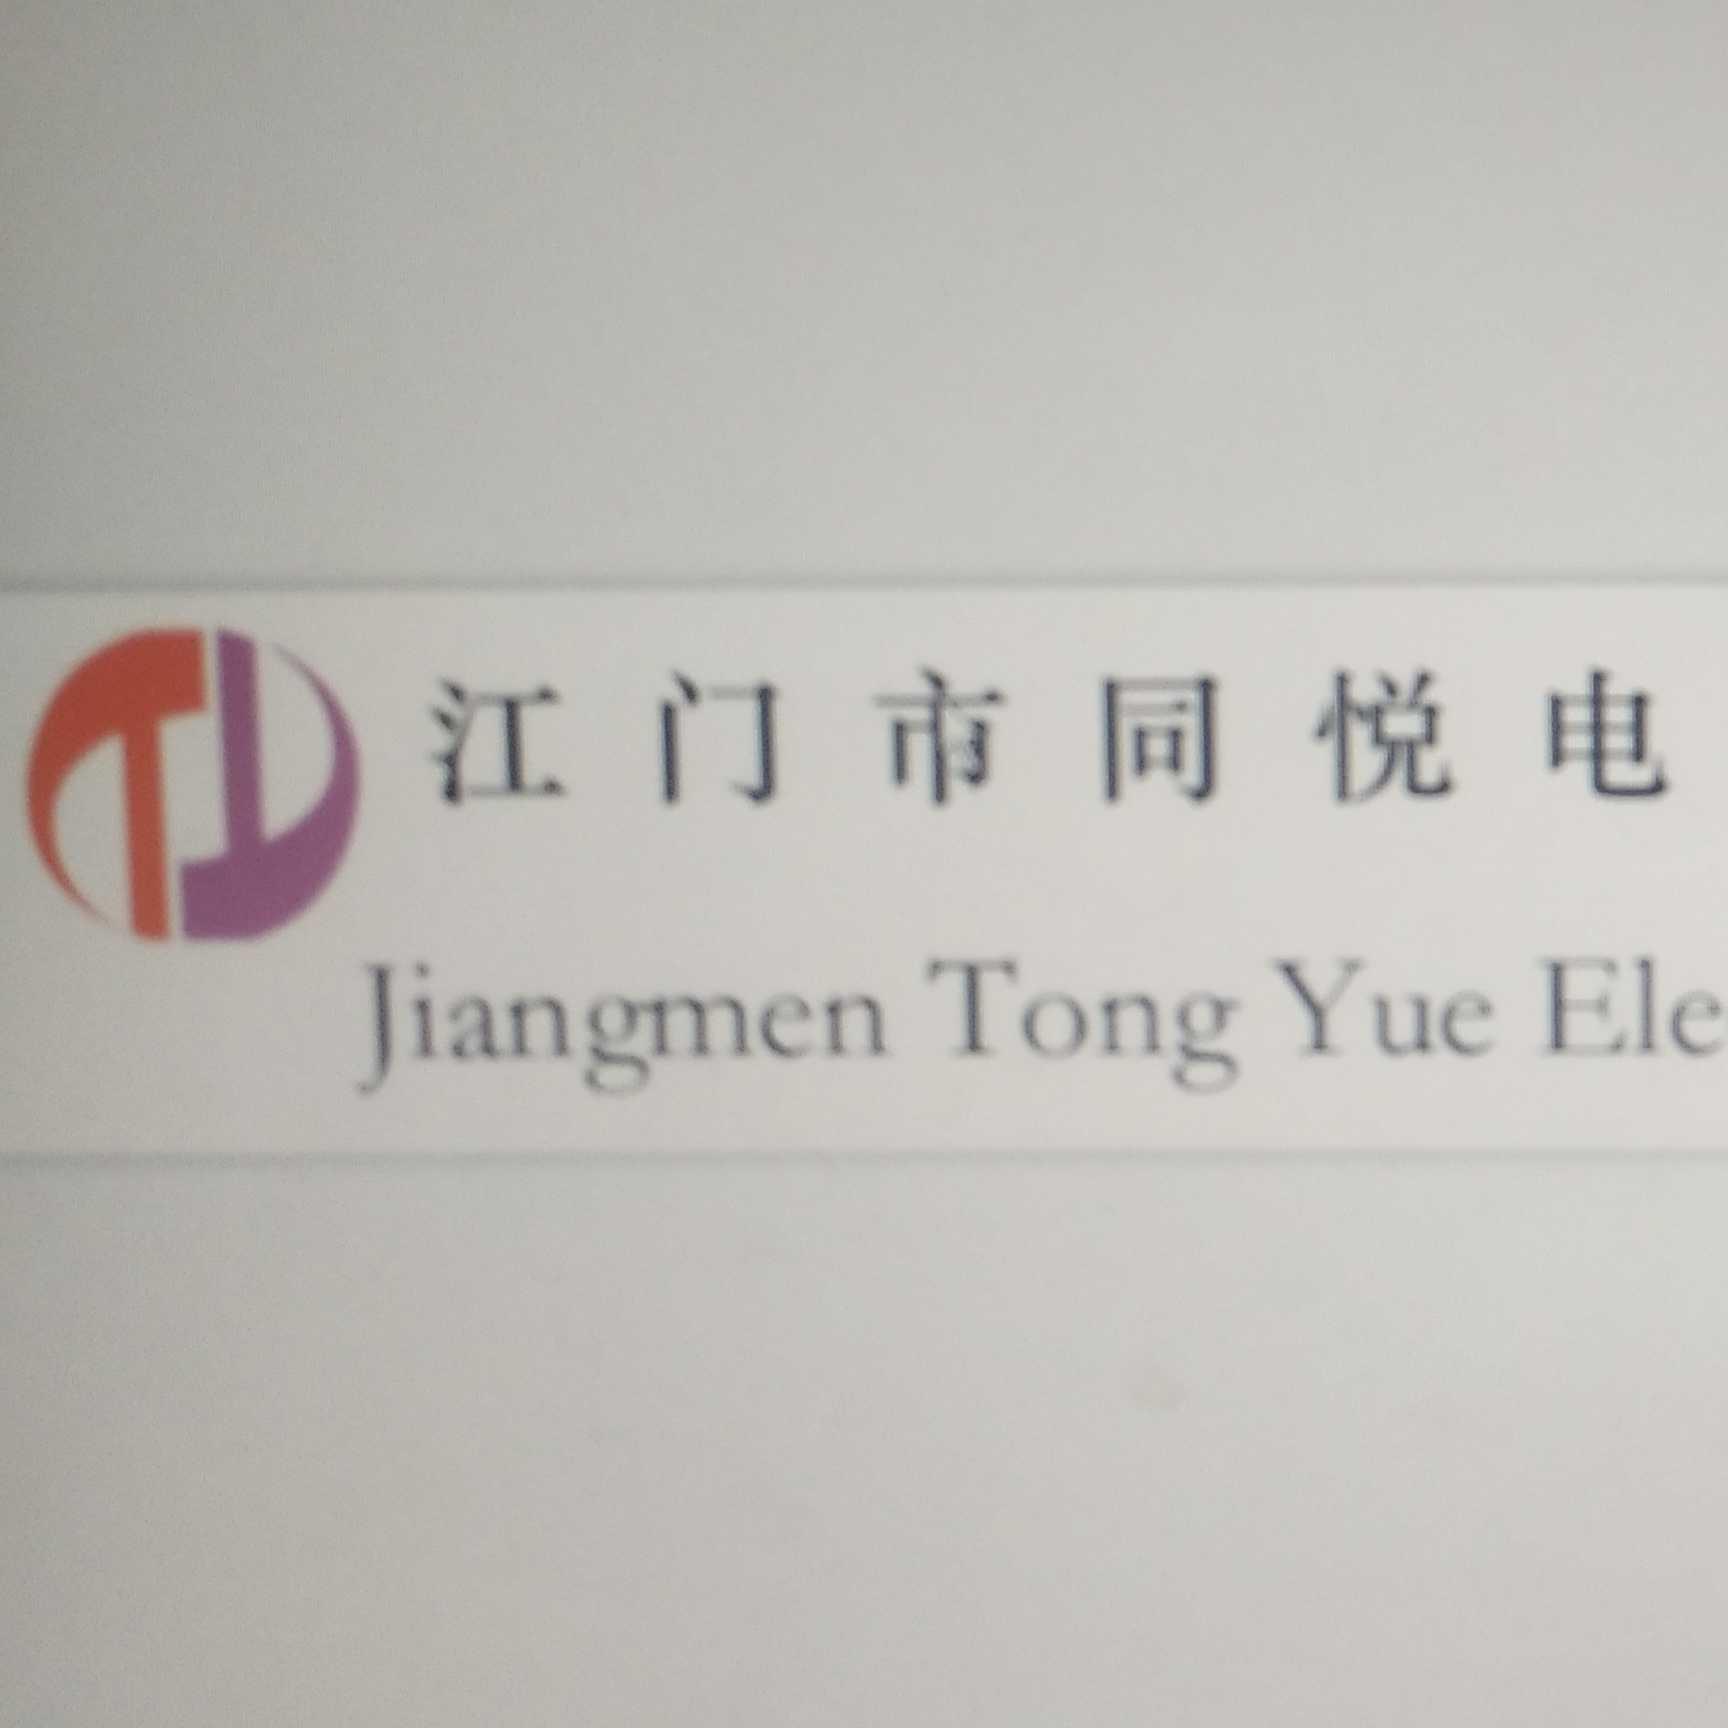 江门市同悦电子科技有限公司